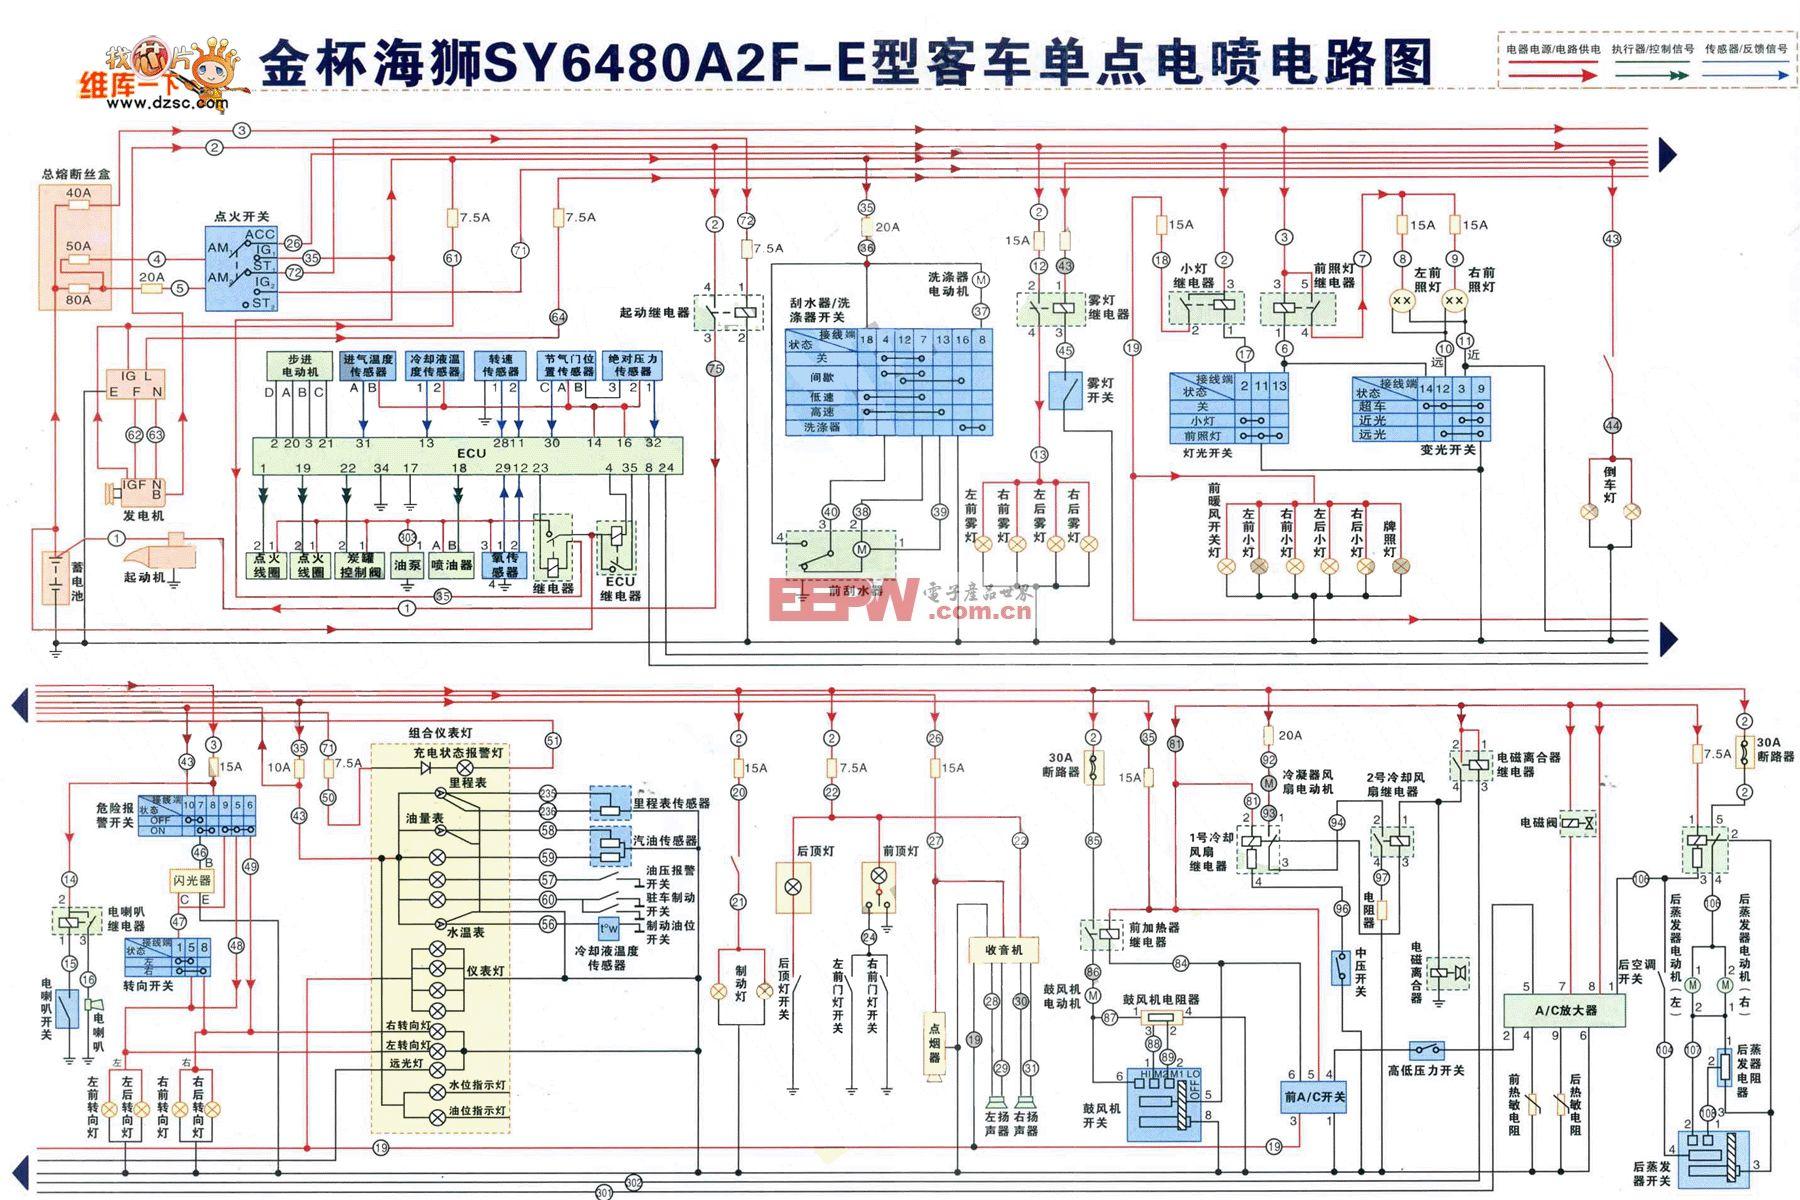 金杯海狮SY6480A2F-E型客车单点电喷电路图